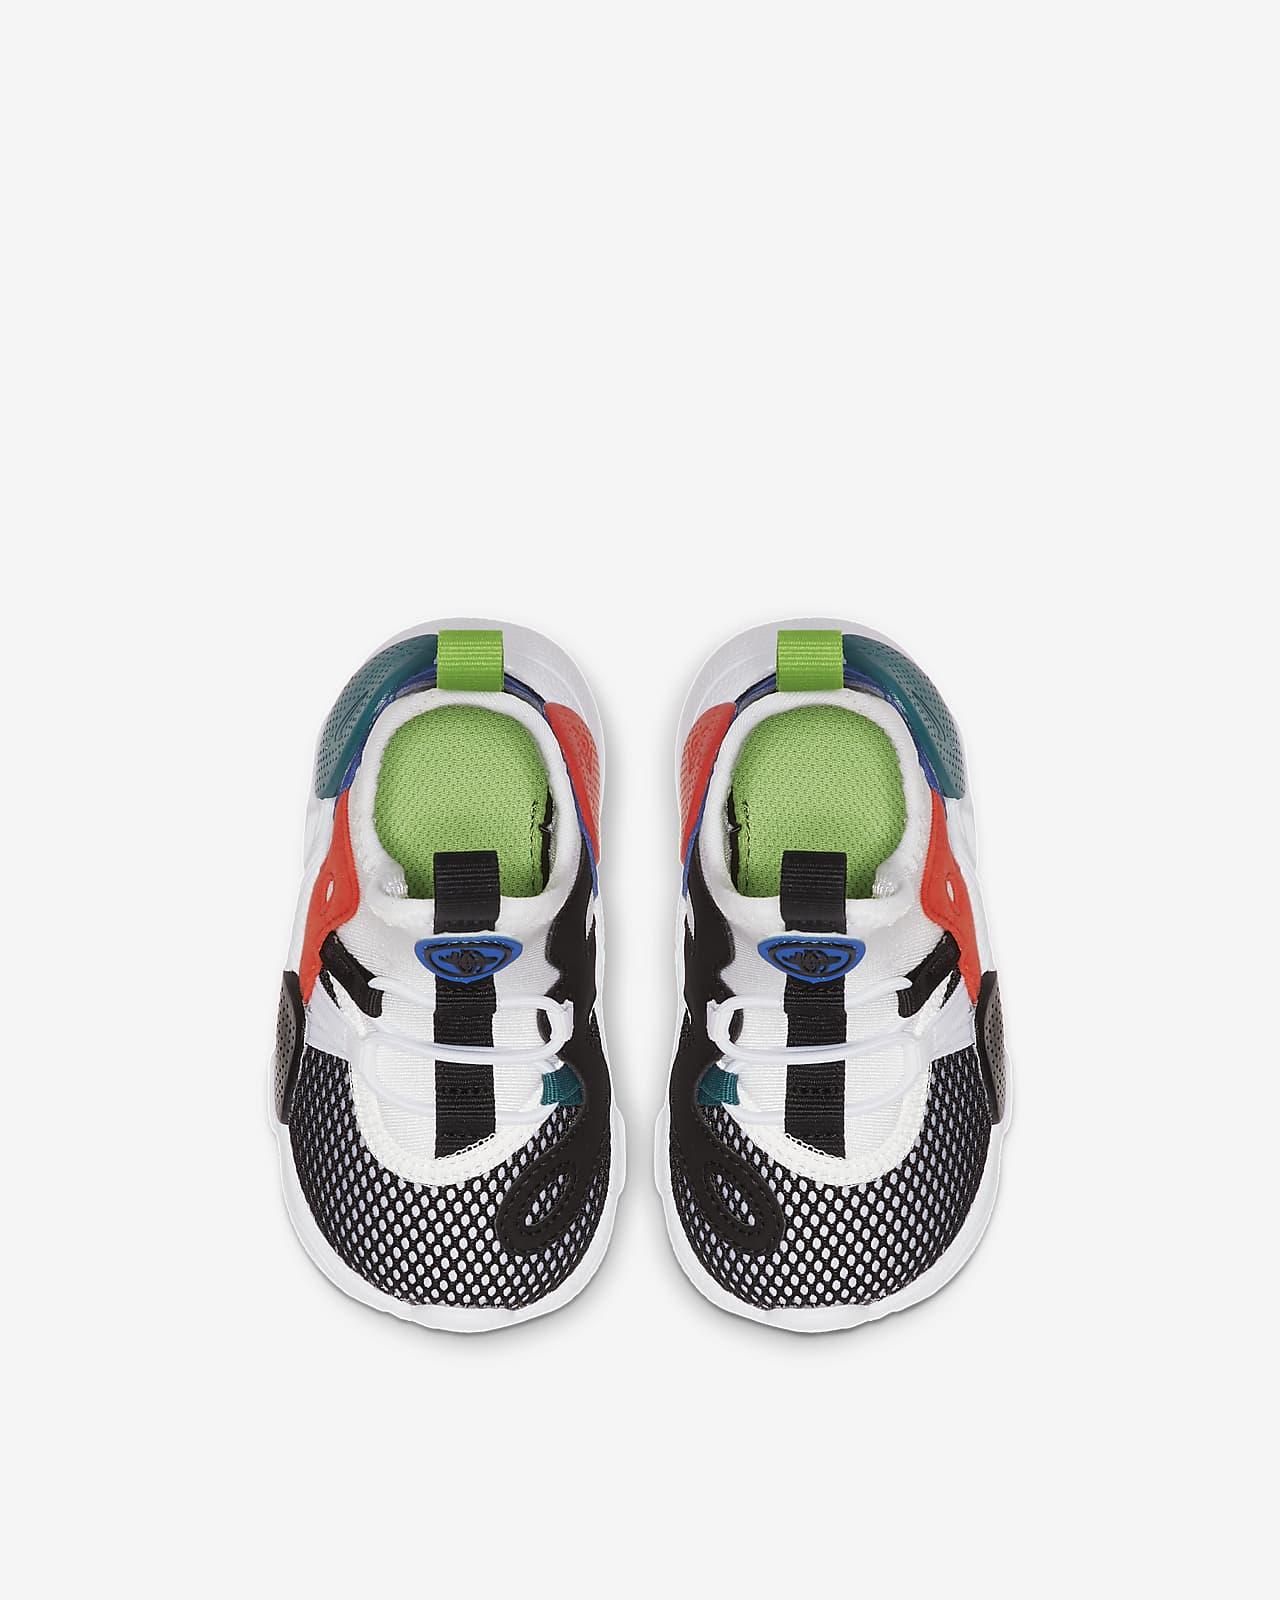 Nike Huarache E.D.G.E. TXT Toddler Shoe